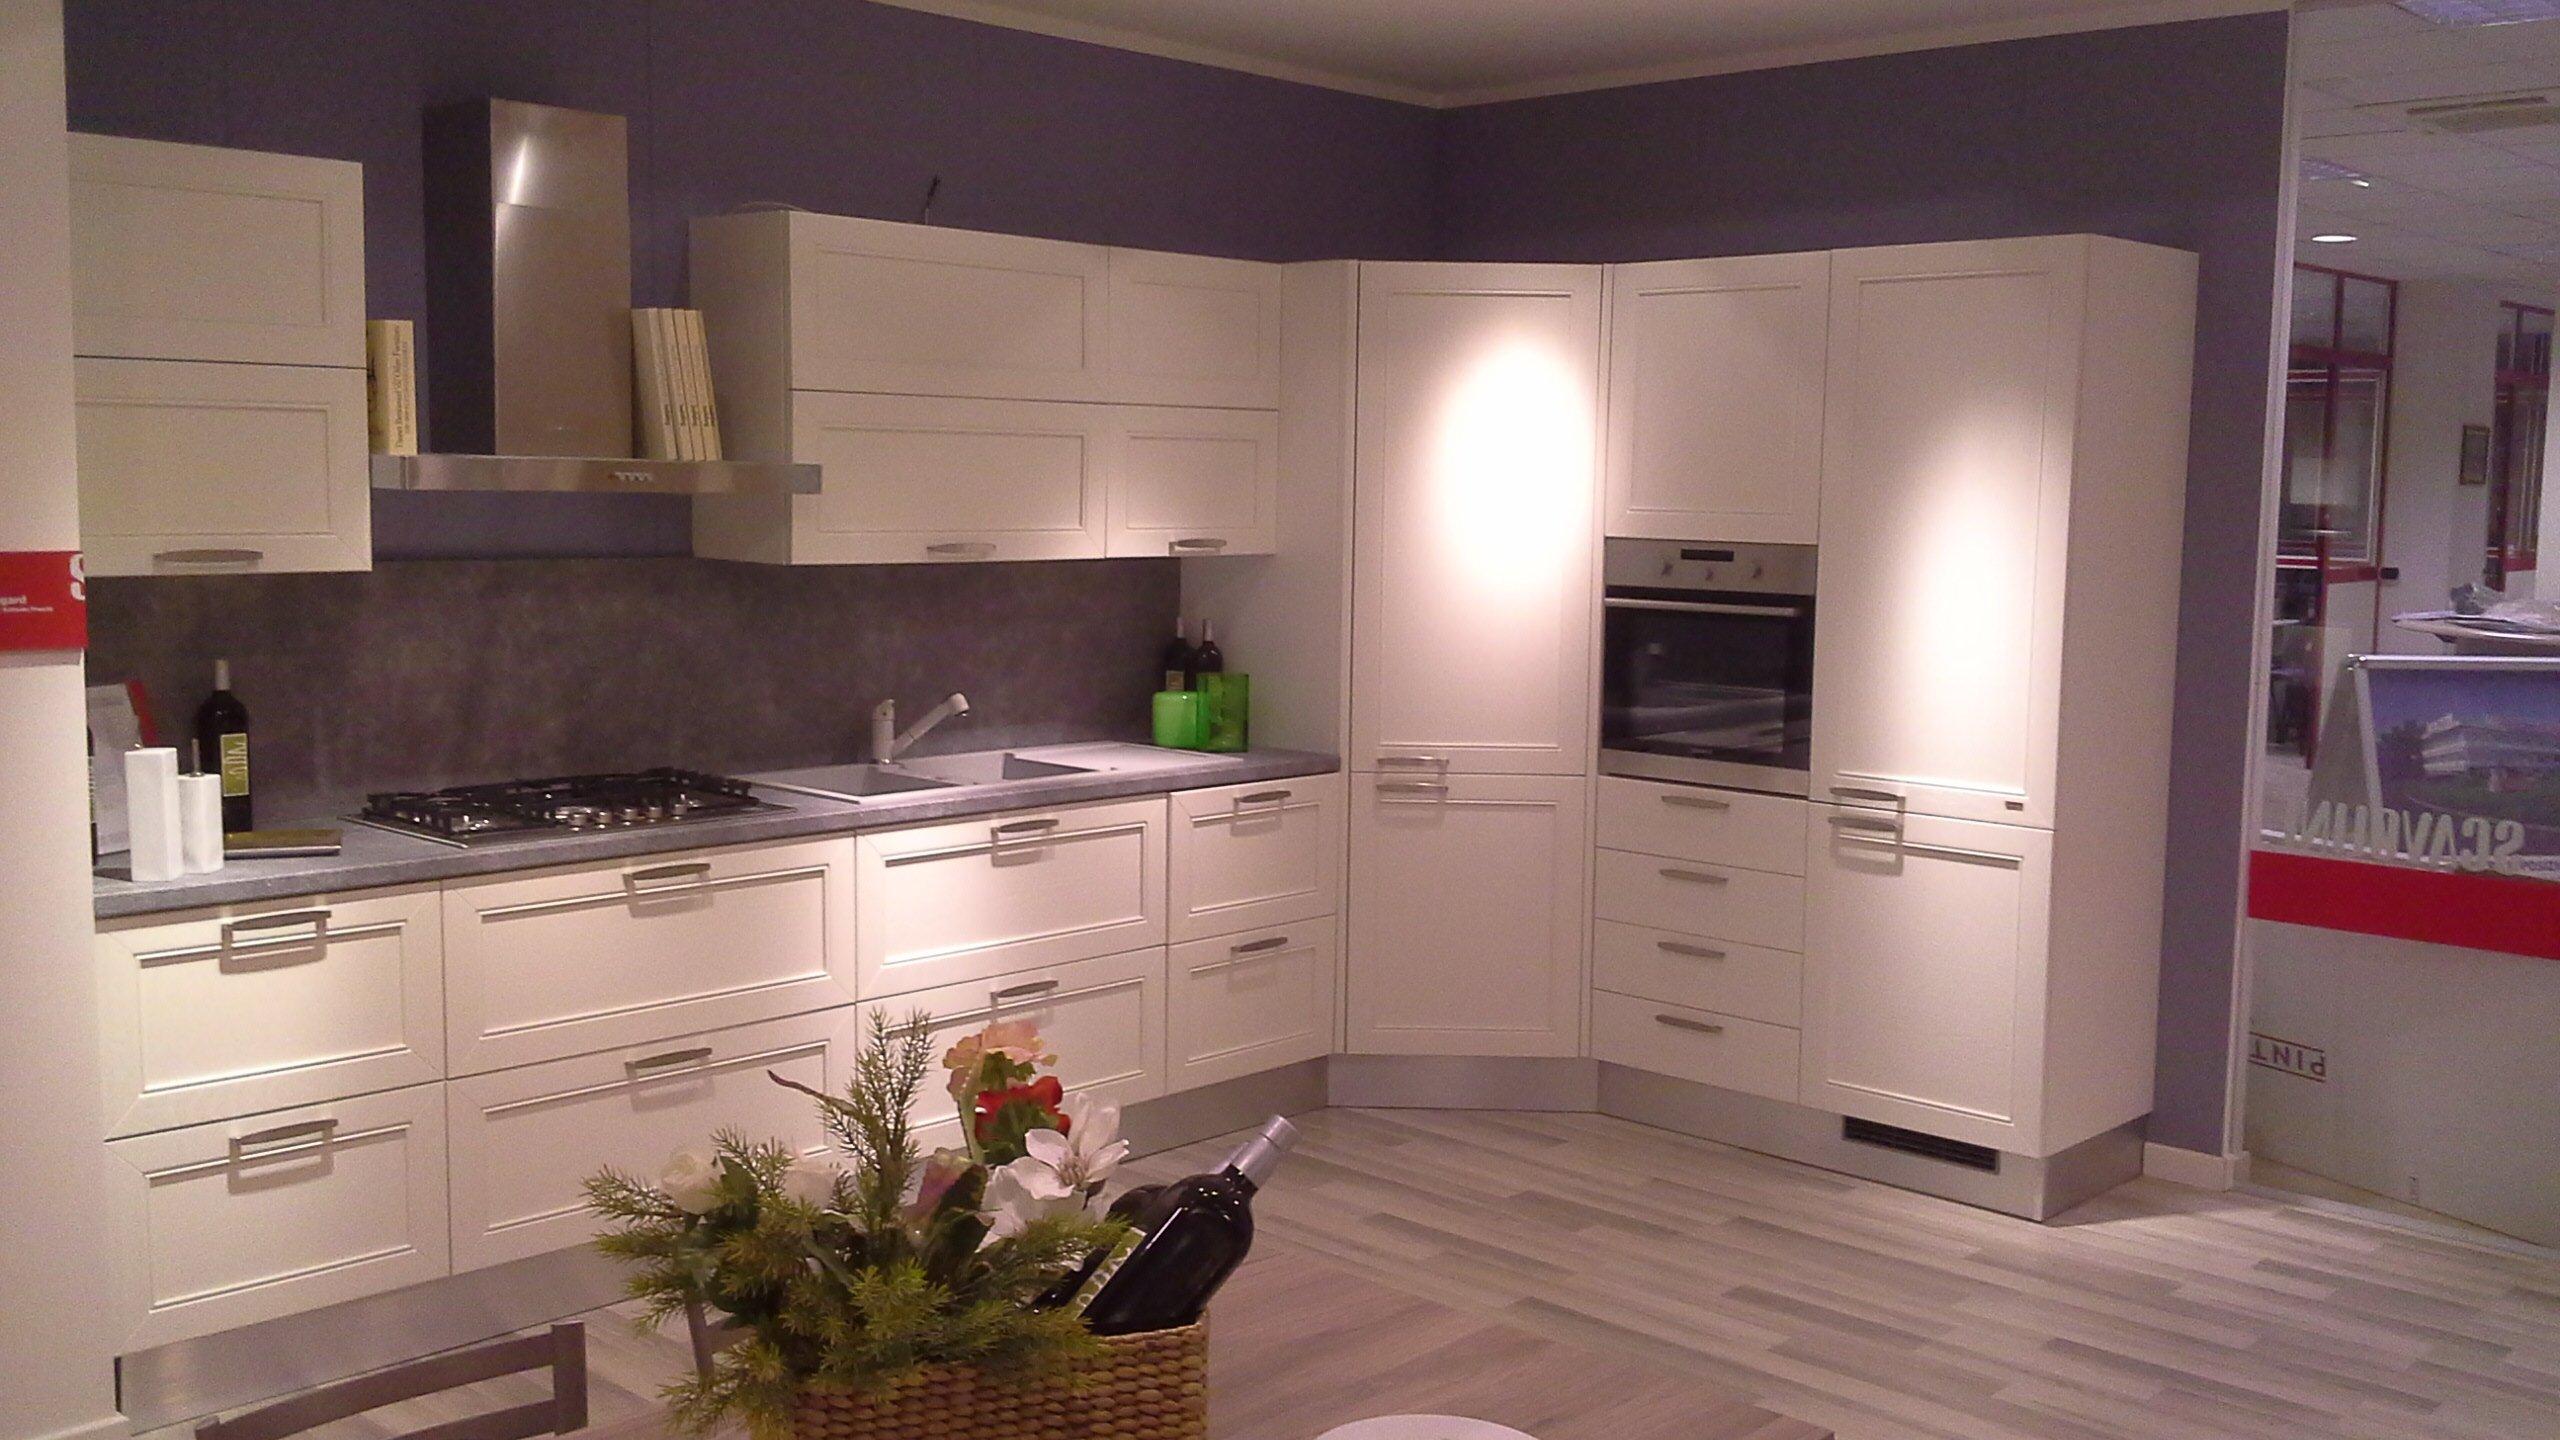 Cucine Scavolini | Sicignano degli Alburni, SA | Arredamenti ...